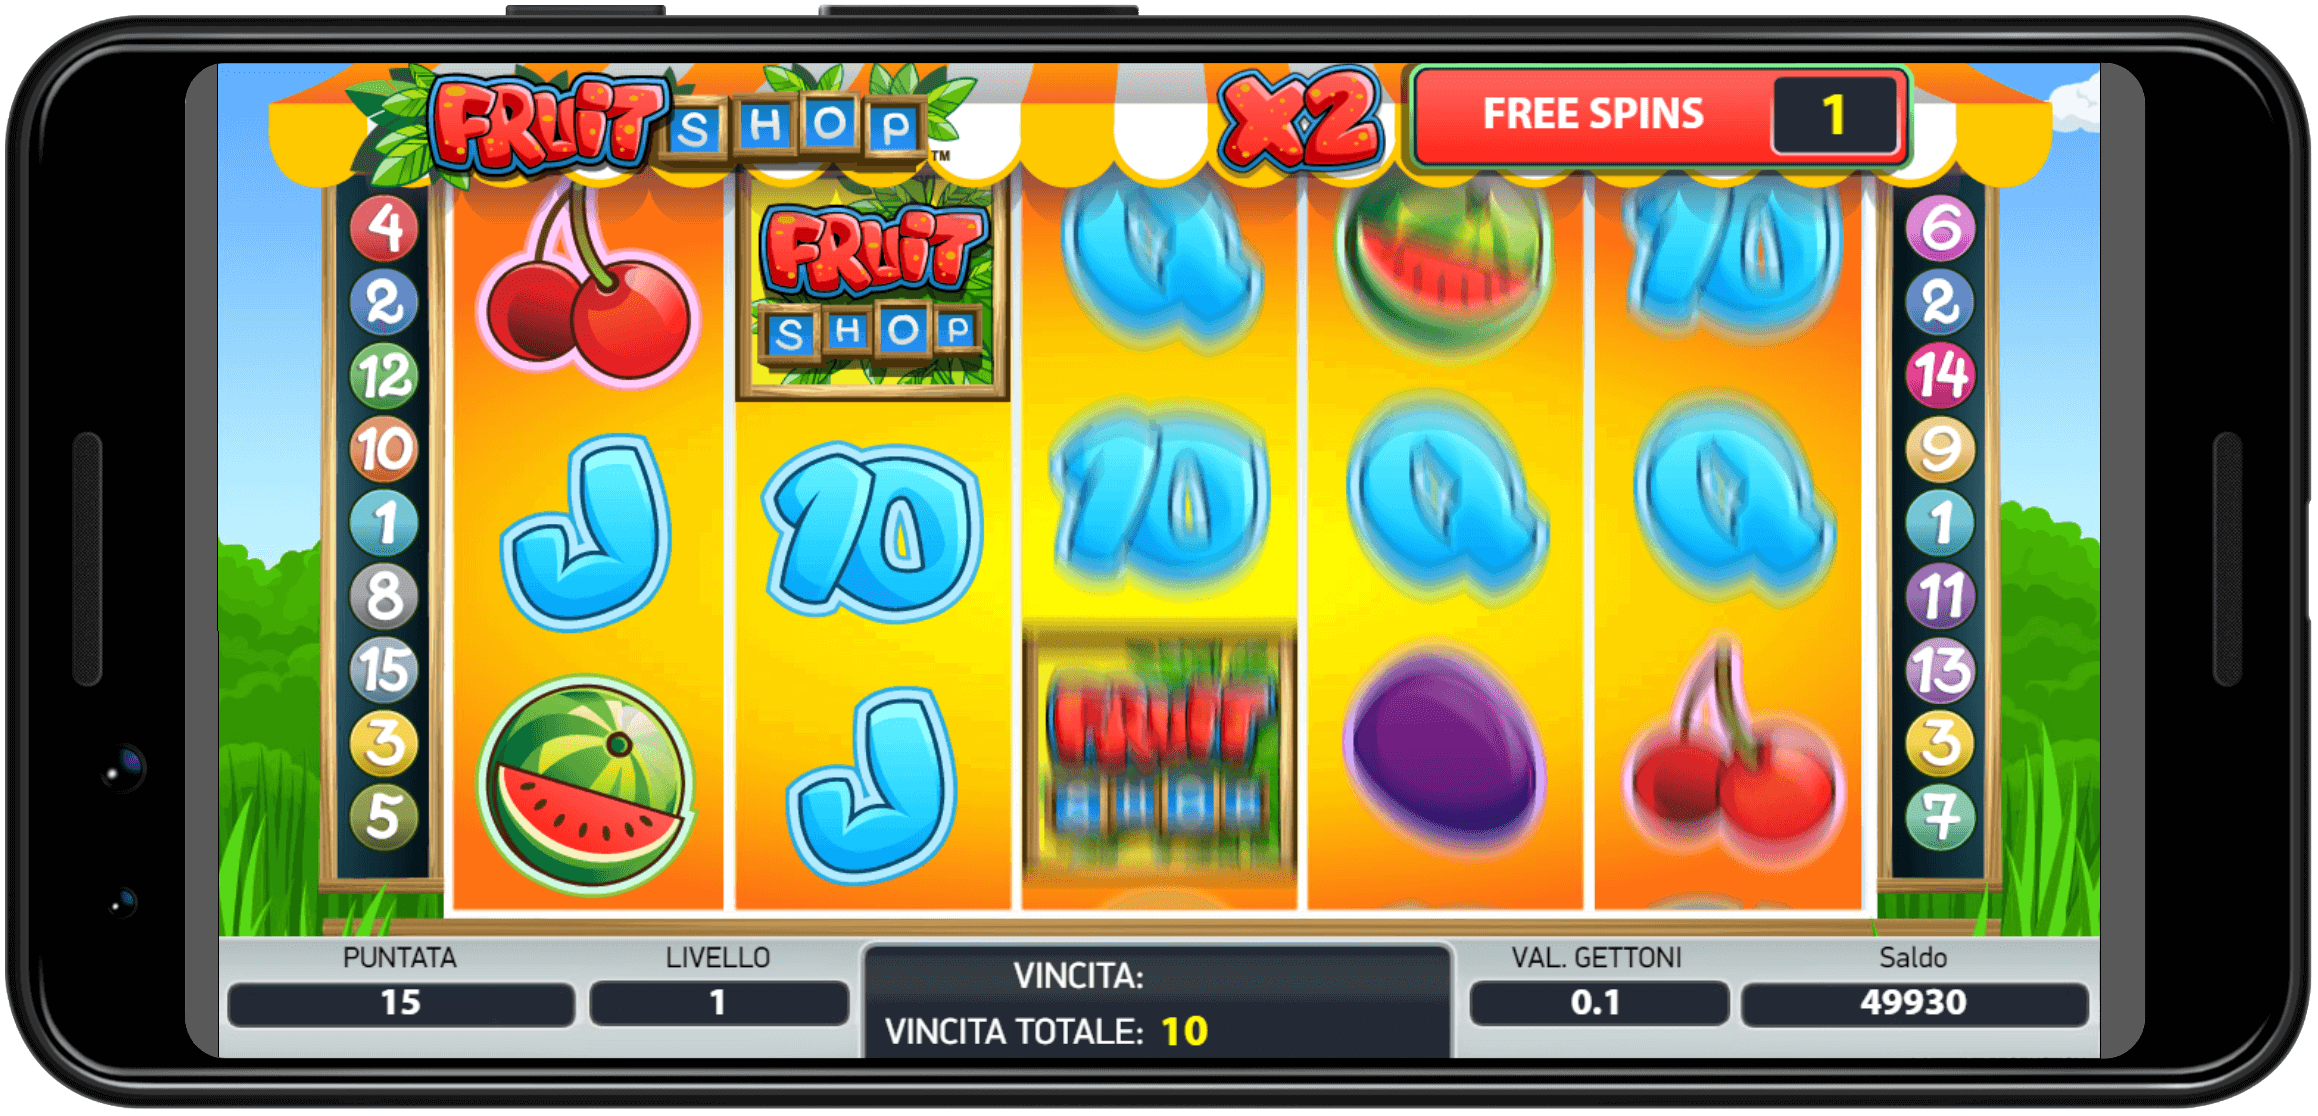 newgioco casino mobile